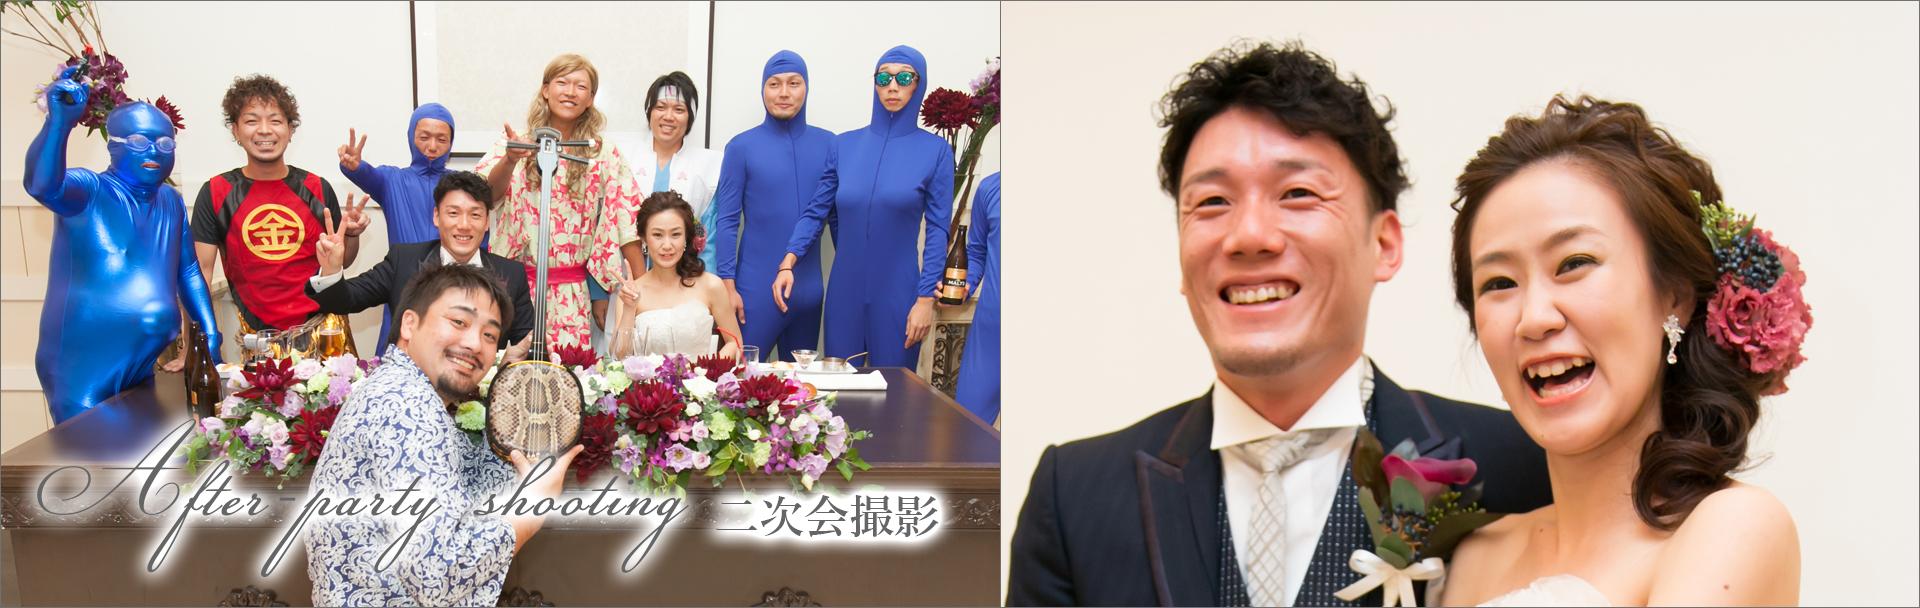 名古屋、愛知、岐阜県の結婚式の二次会ビデオ撮影